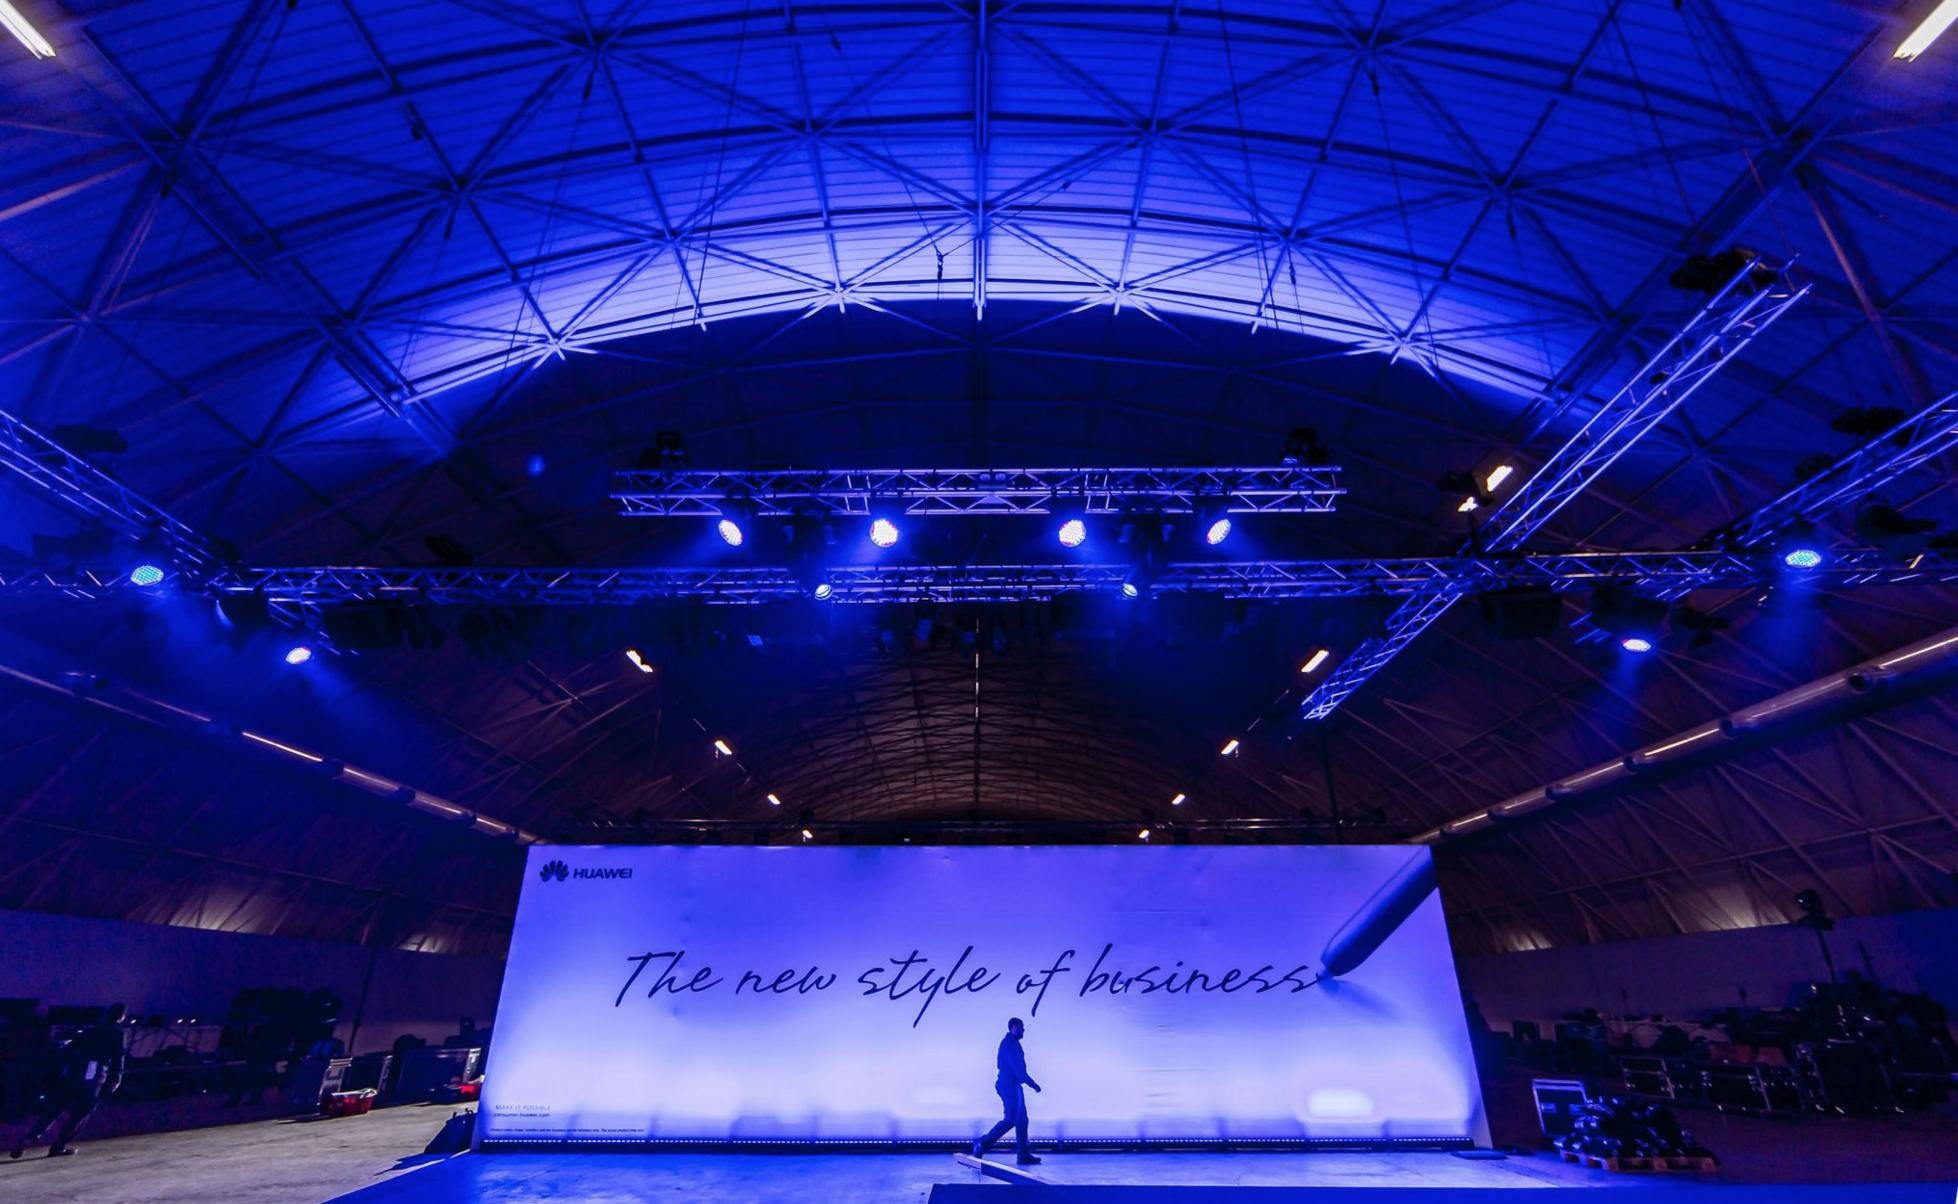 Sigue en directo el evento de Huawei en el MWC 2016